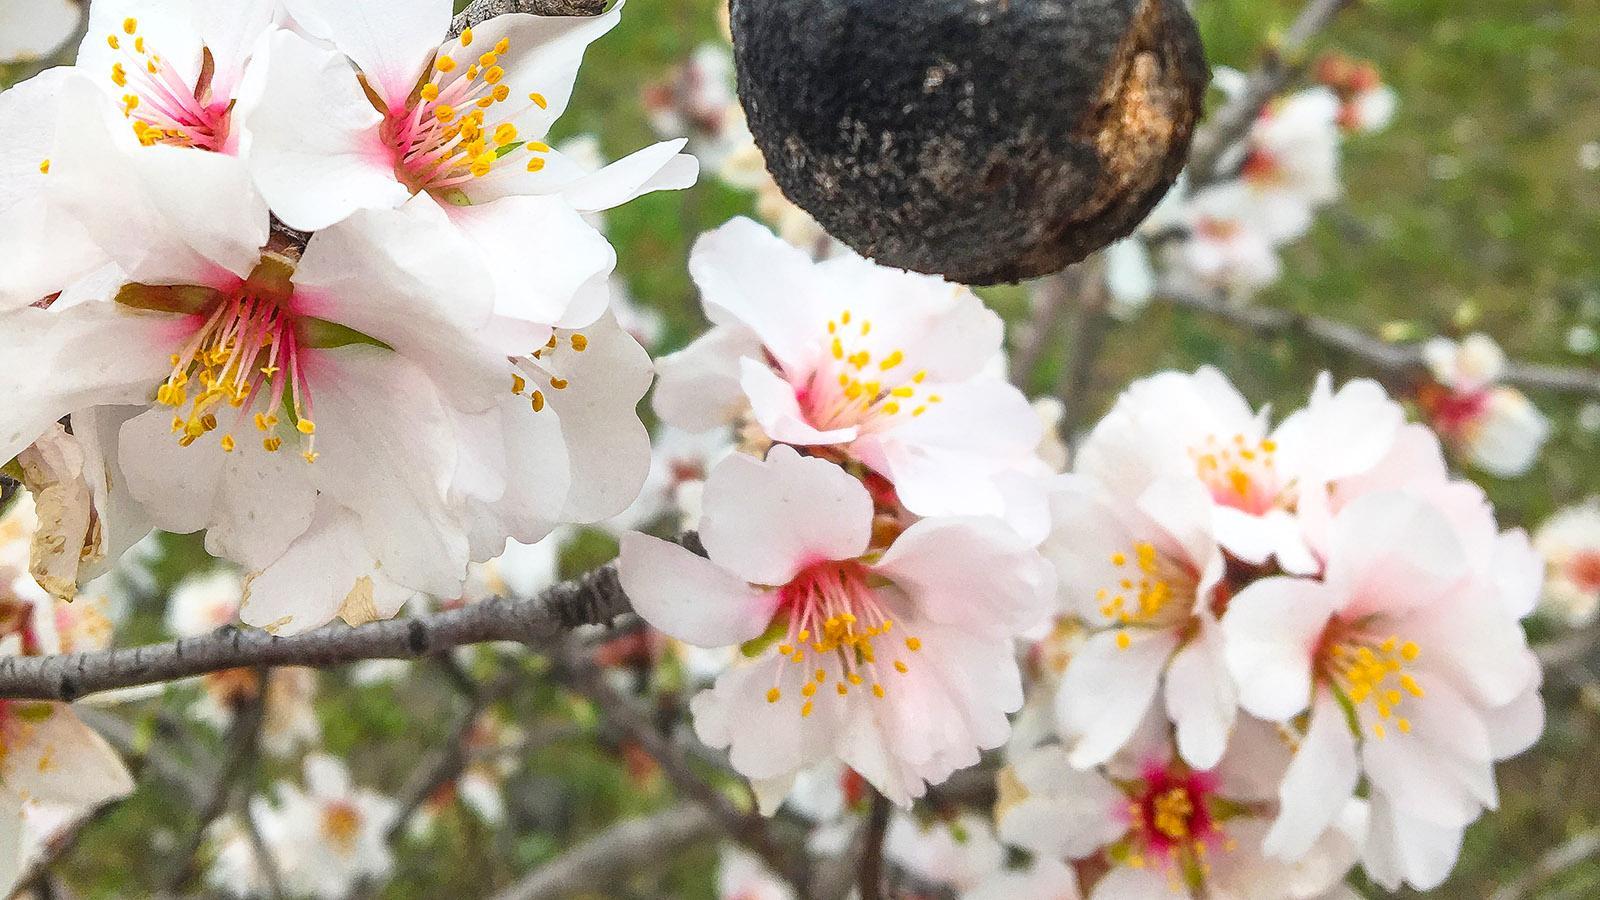 Frühling: Süßmandel in Blüte. Foto: Hilke Maunder